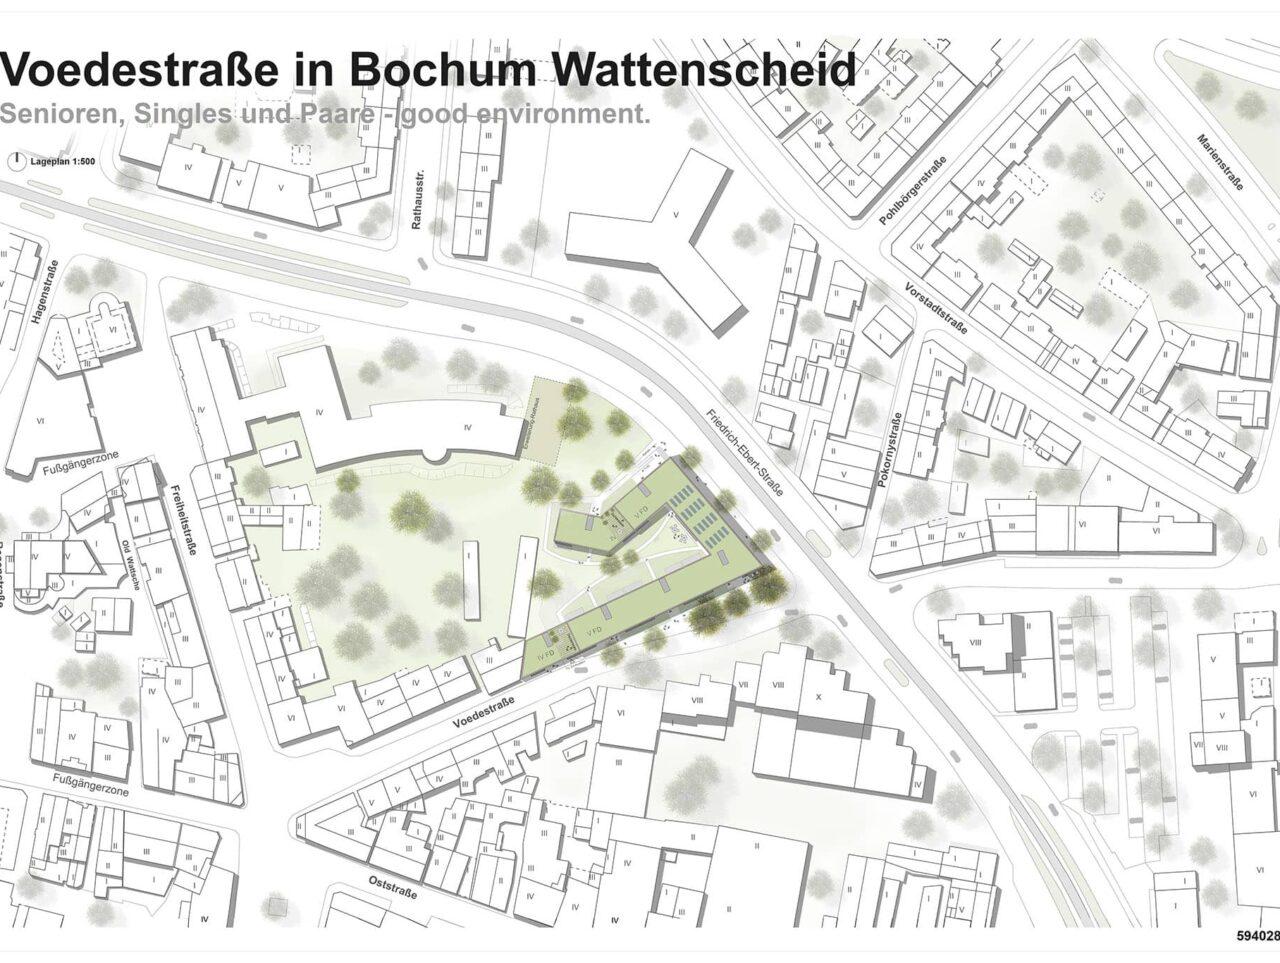 Bochum Voedestraße Wattenscheid Randbebauung Wettbewerb Projekt Lageplan